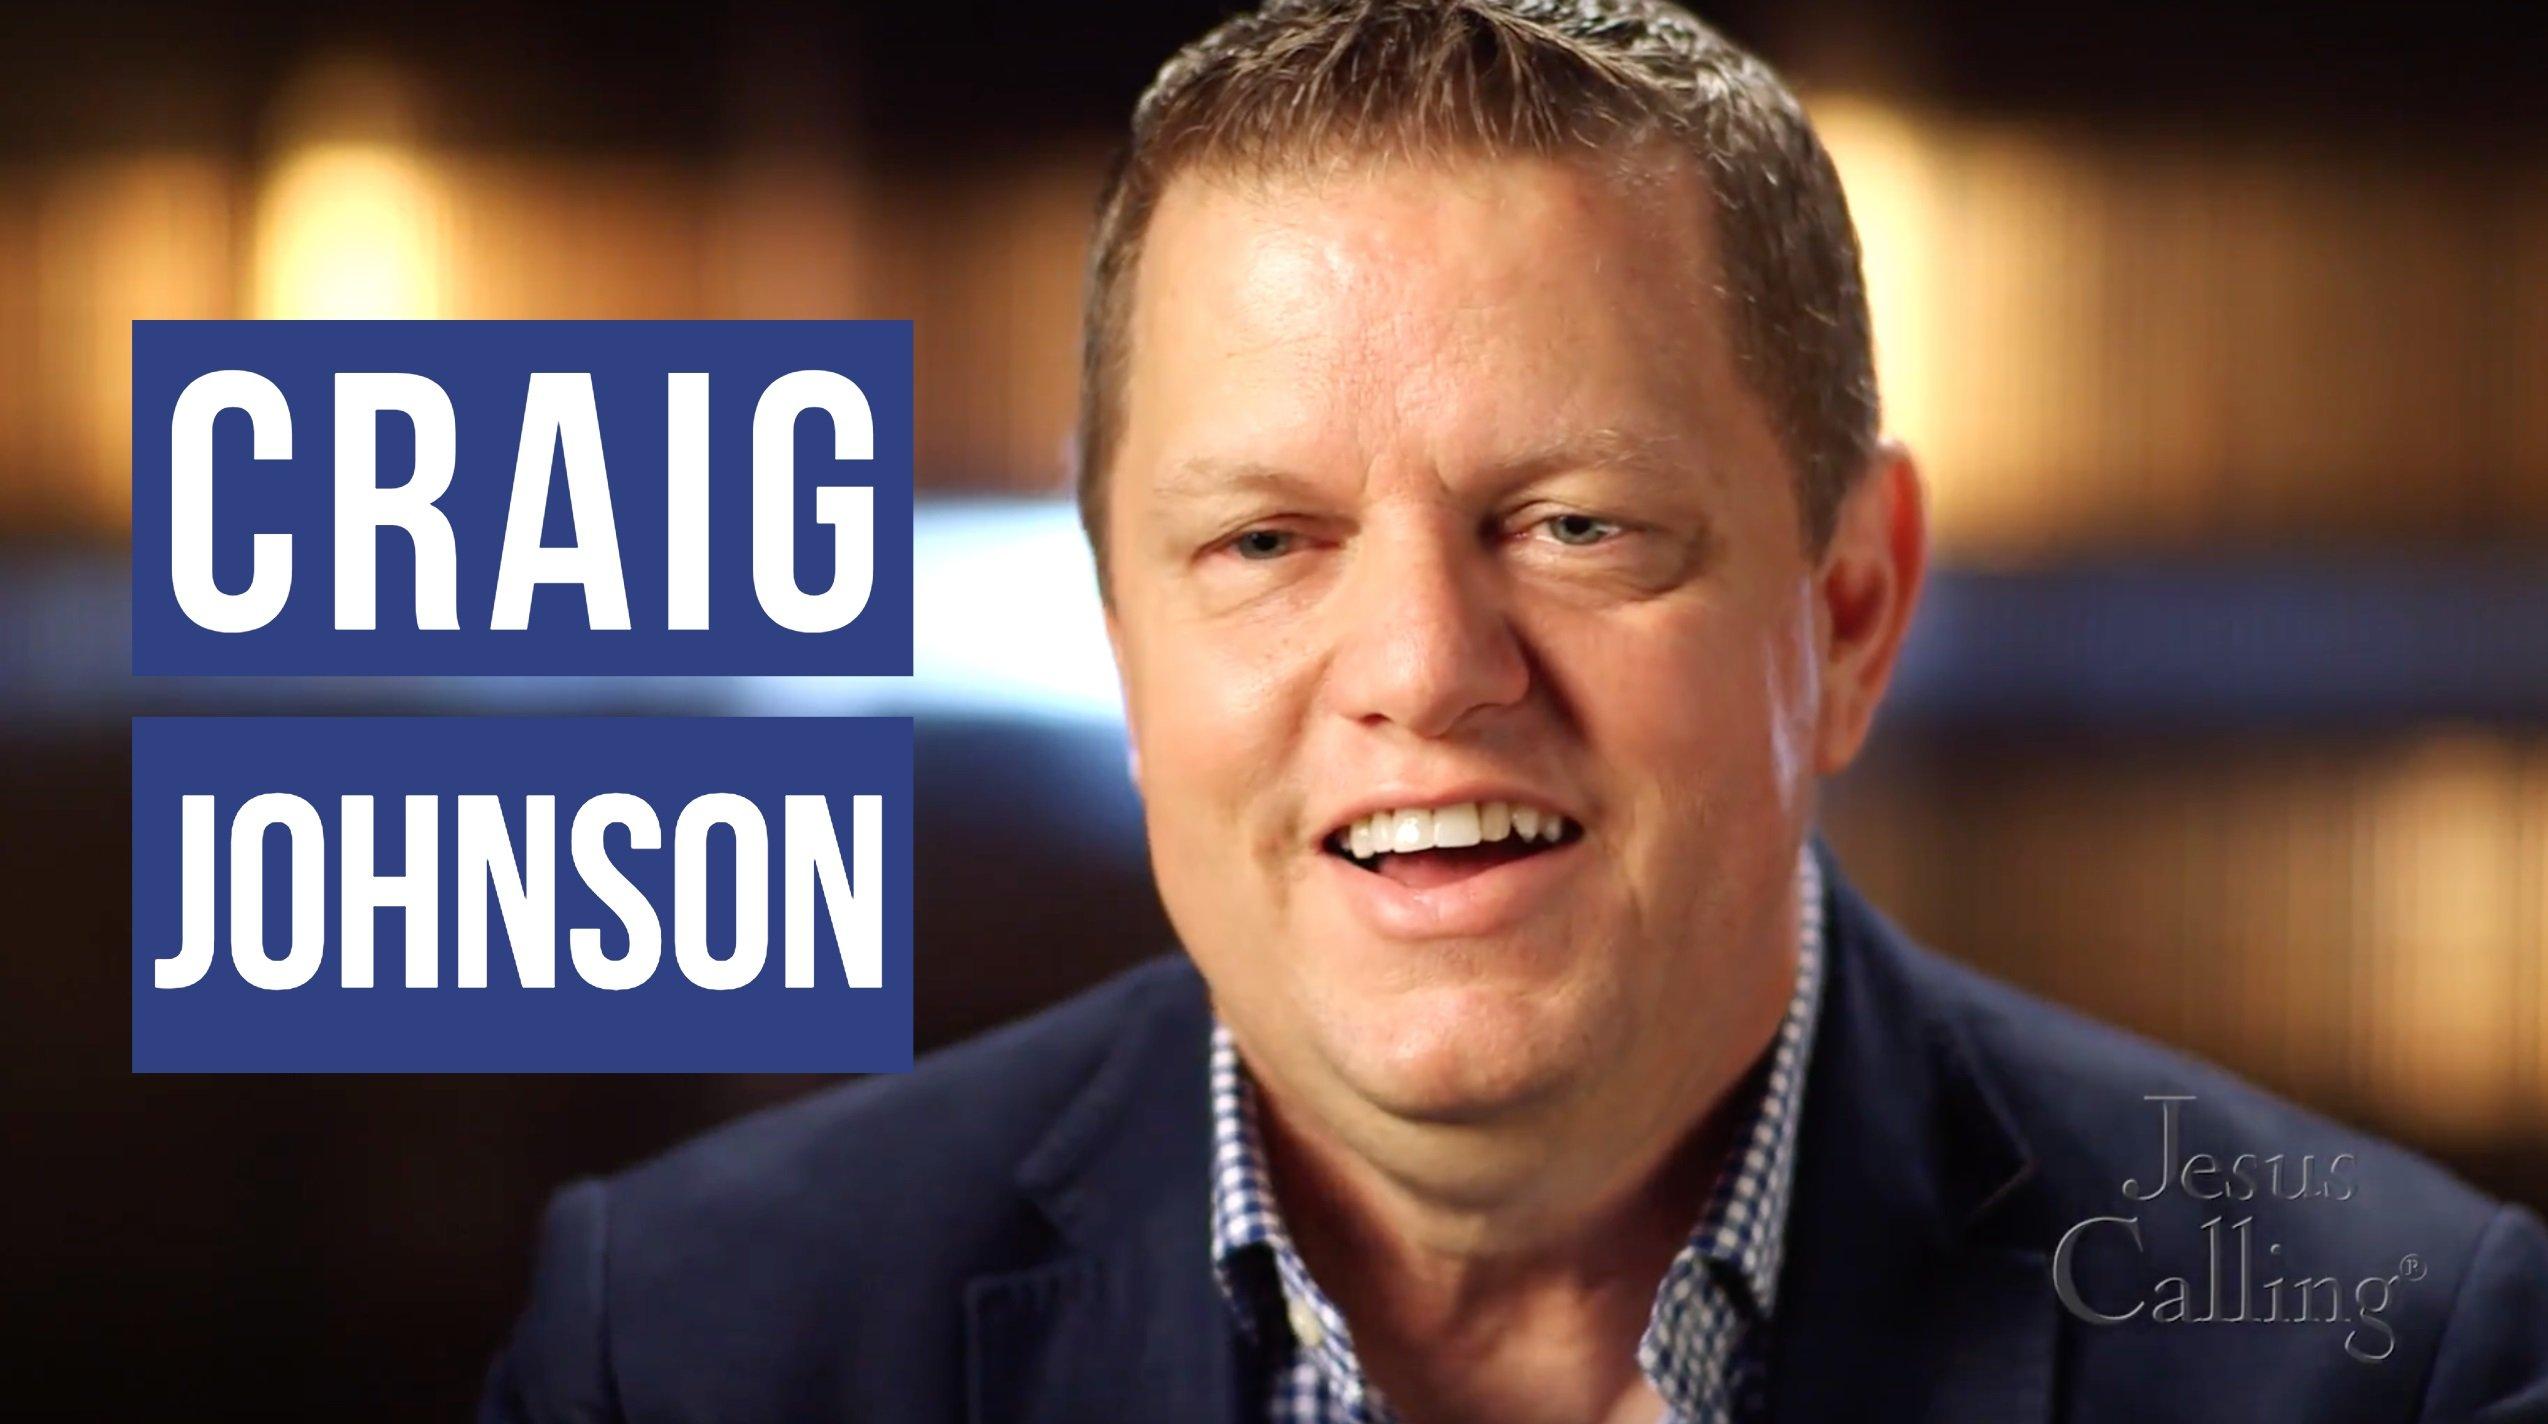 VS cover - Craig Johnson